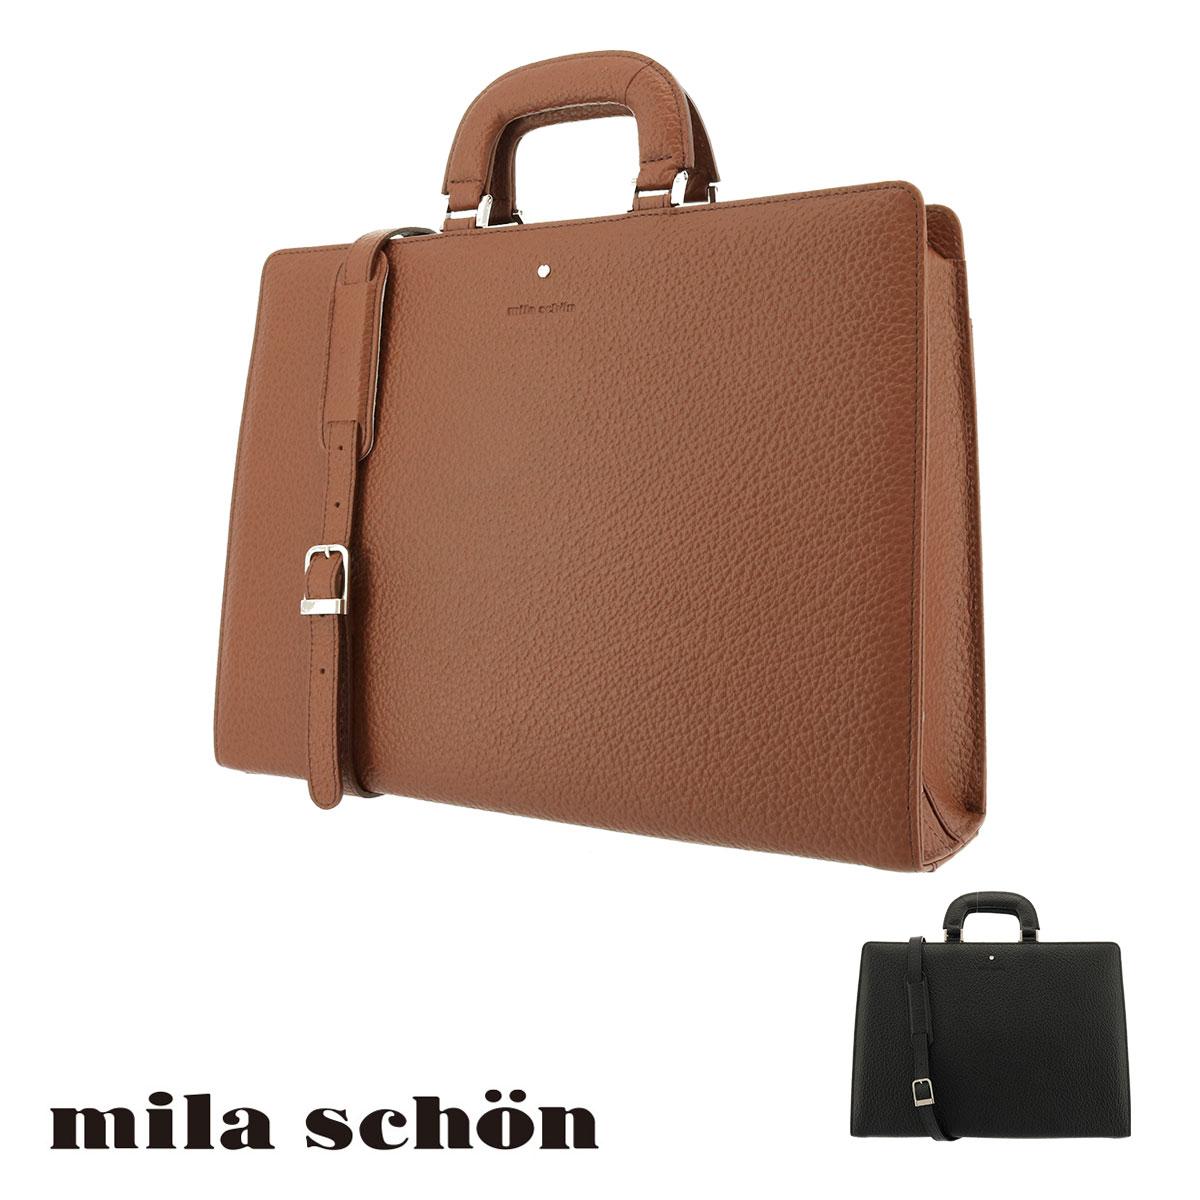 ミラショーン ブリーフケース メンズ ネロ 197517 Mila Schon ビジネスバッグ 本革 レザー